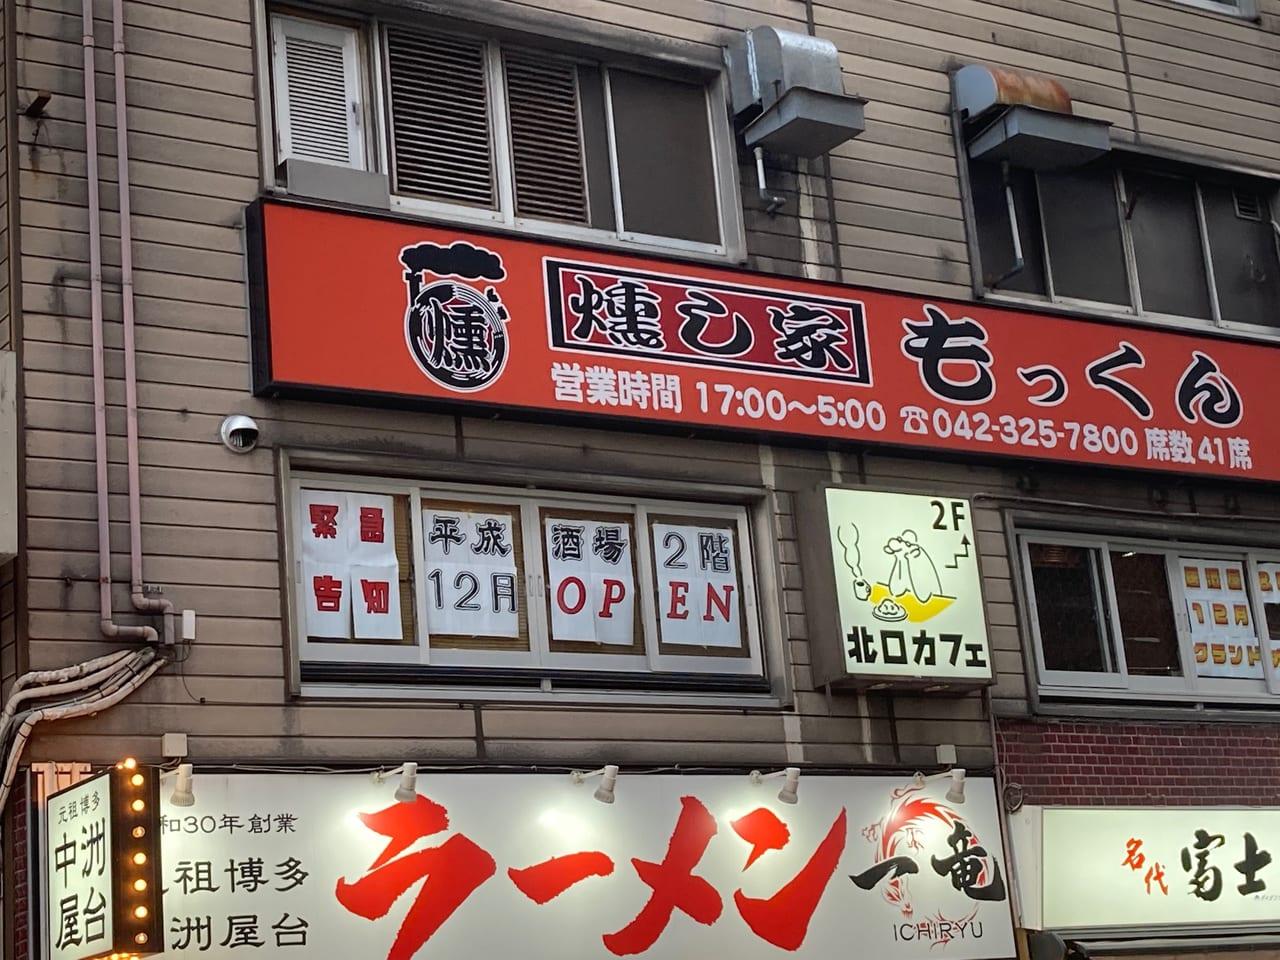 惜しまれながら閉店した『北口カフェ』の場所は次何なる?!オープン予定の店舗が決まったようです。